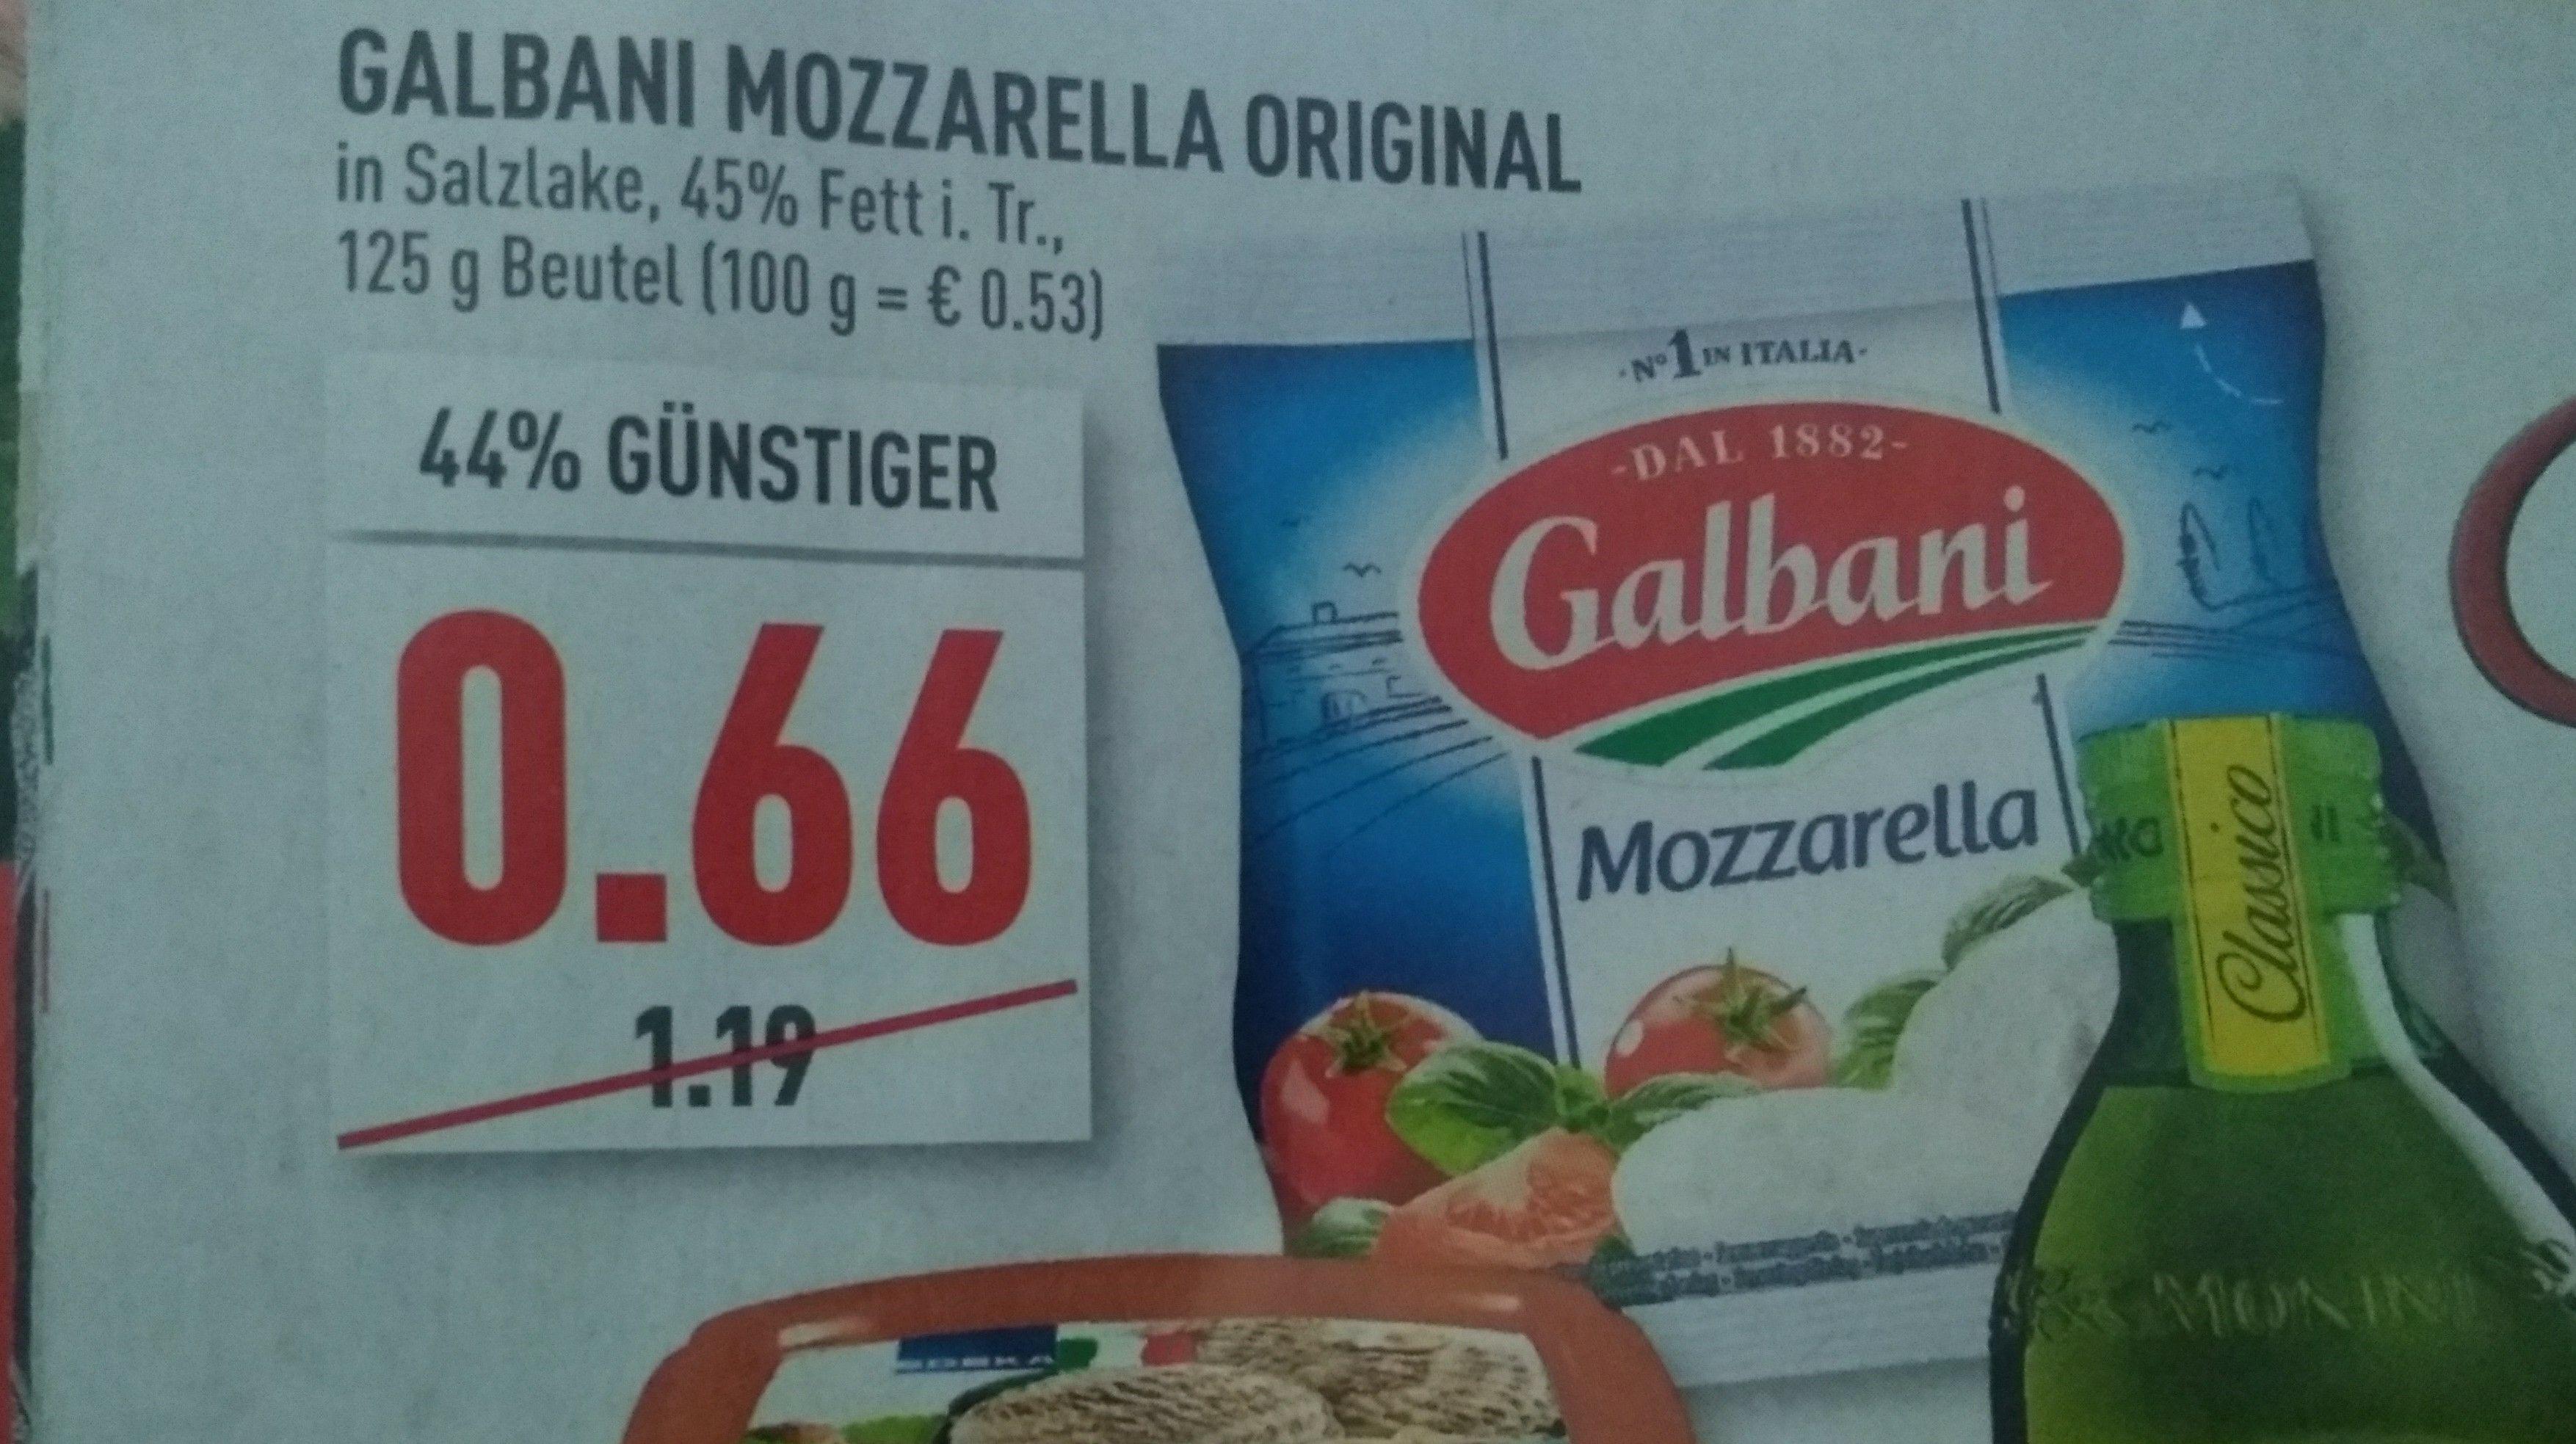 [Ab 06.08] [Marktkauf Rhein Ruhr/Couponplatz] Galbani Mozarella zu je 16 Cent beim Gleichzeitigen Kauf von 2 Stück